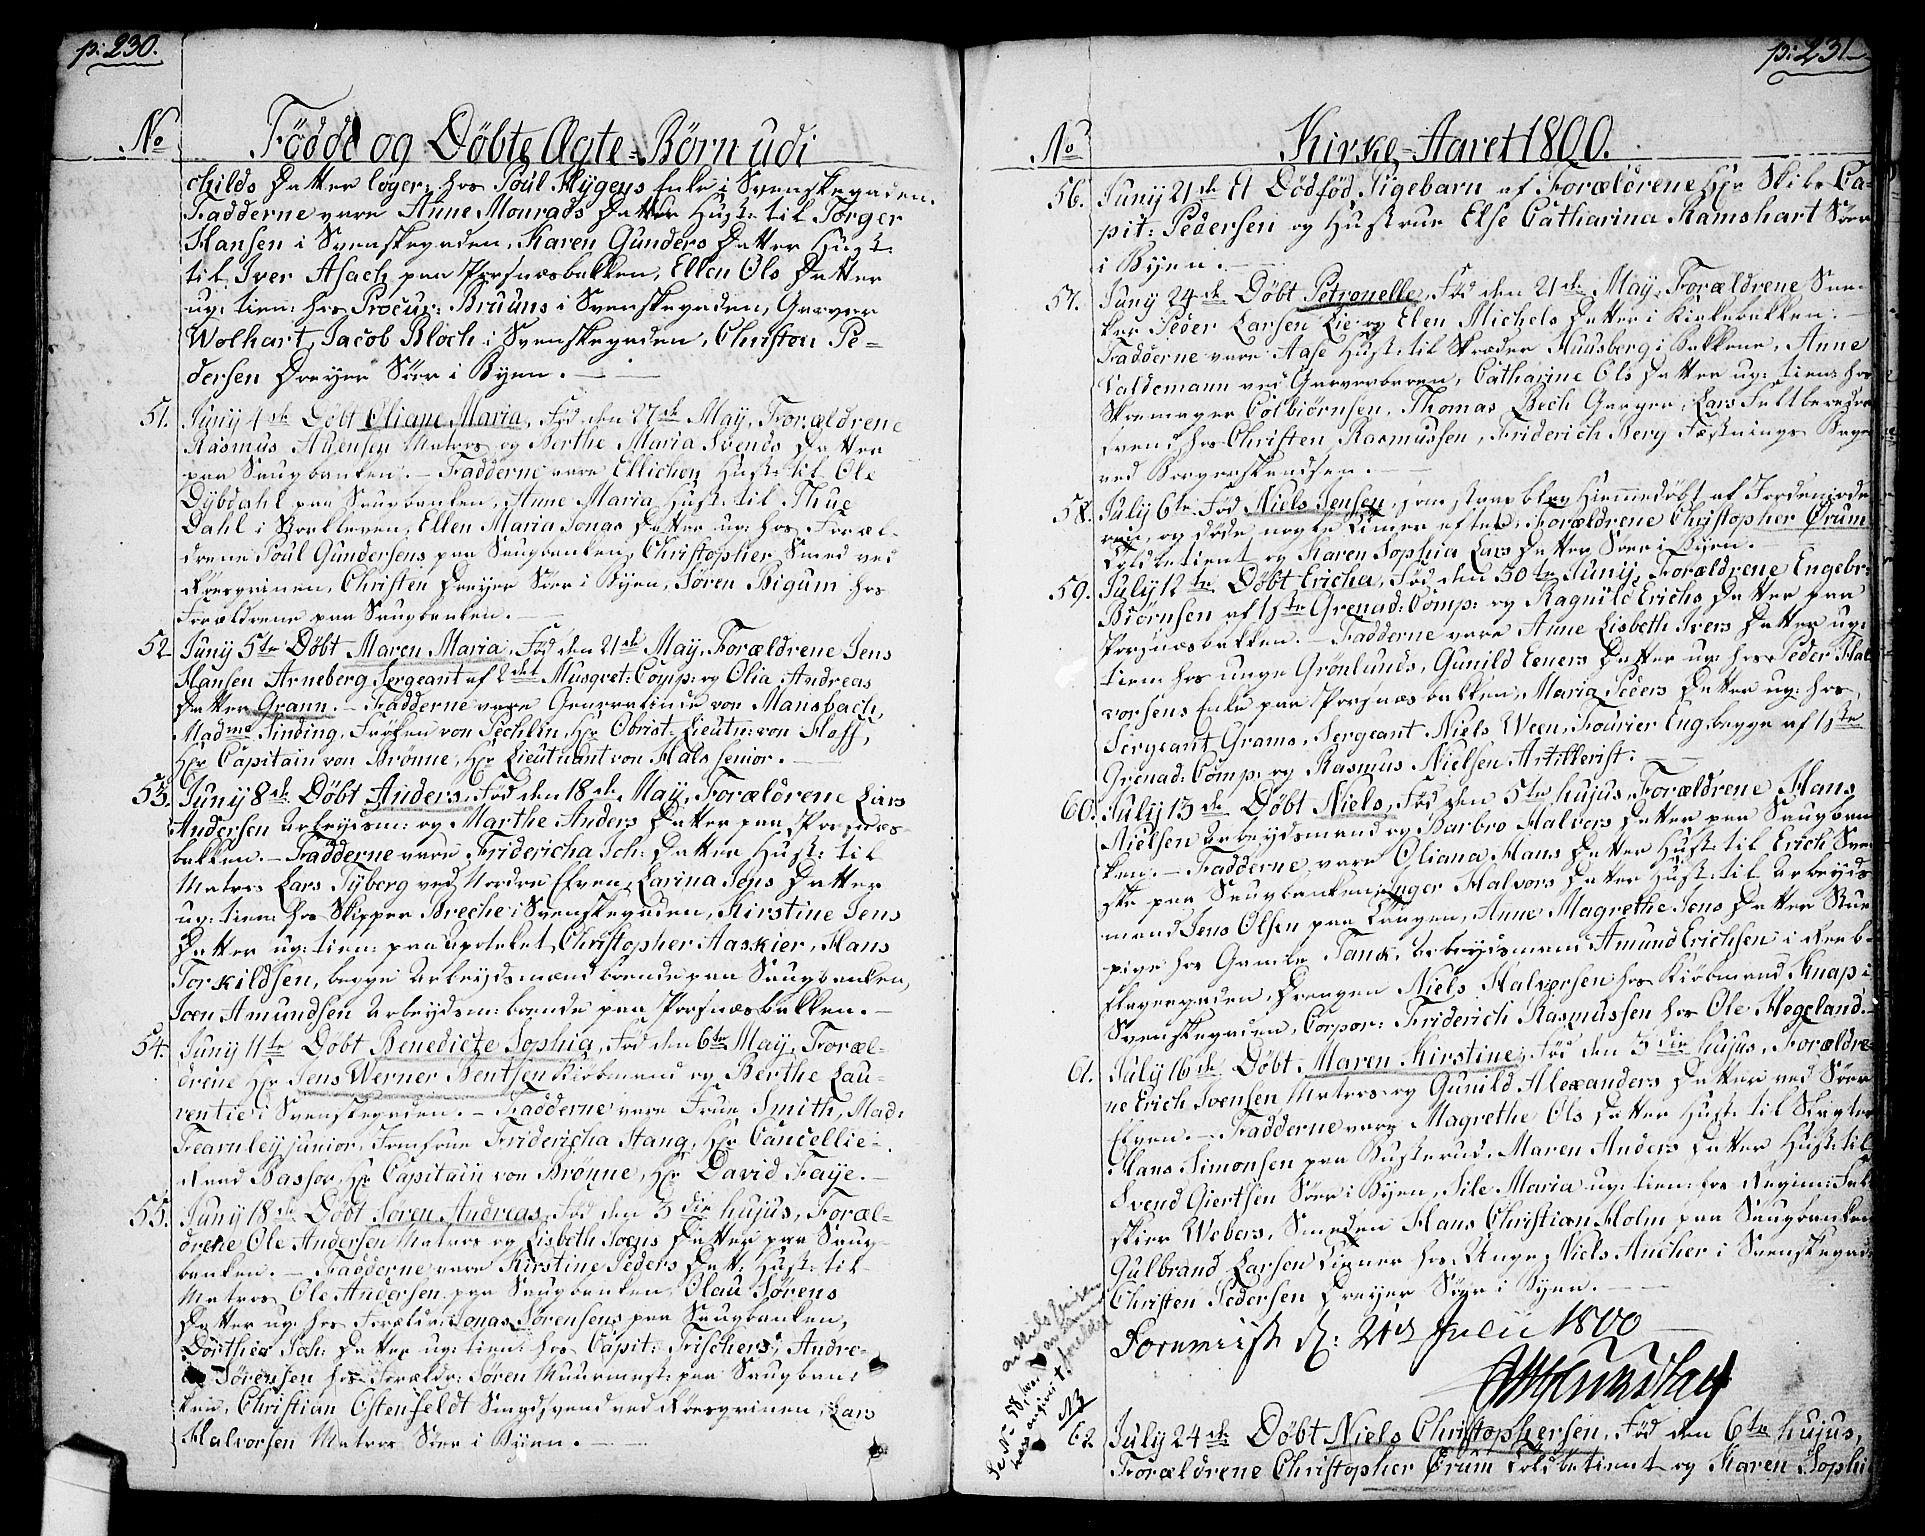 SAO, Halden prestekontor Kirkebøker, F/Fa/L0002: Ministerialbok nr. I 2, 1792-1812, s. 230-231